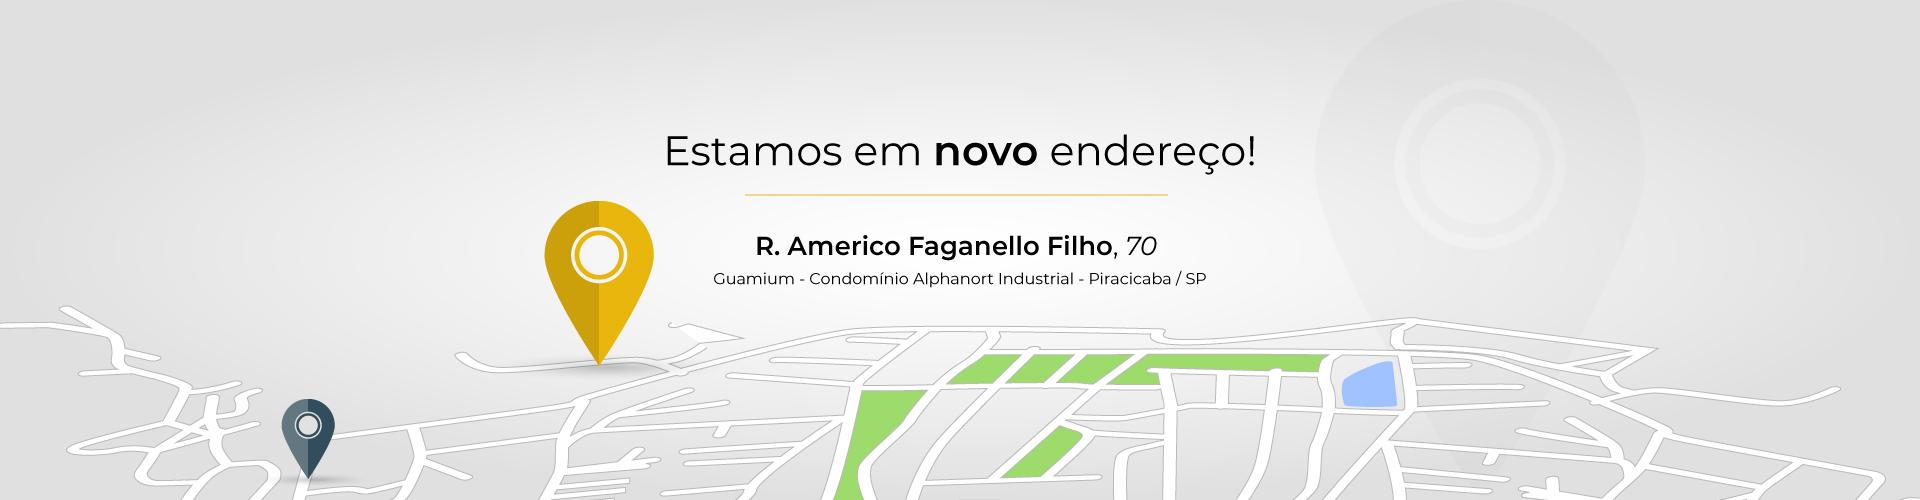 Banner_Site_4_Abril_v3_(Novo_Endereço)